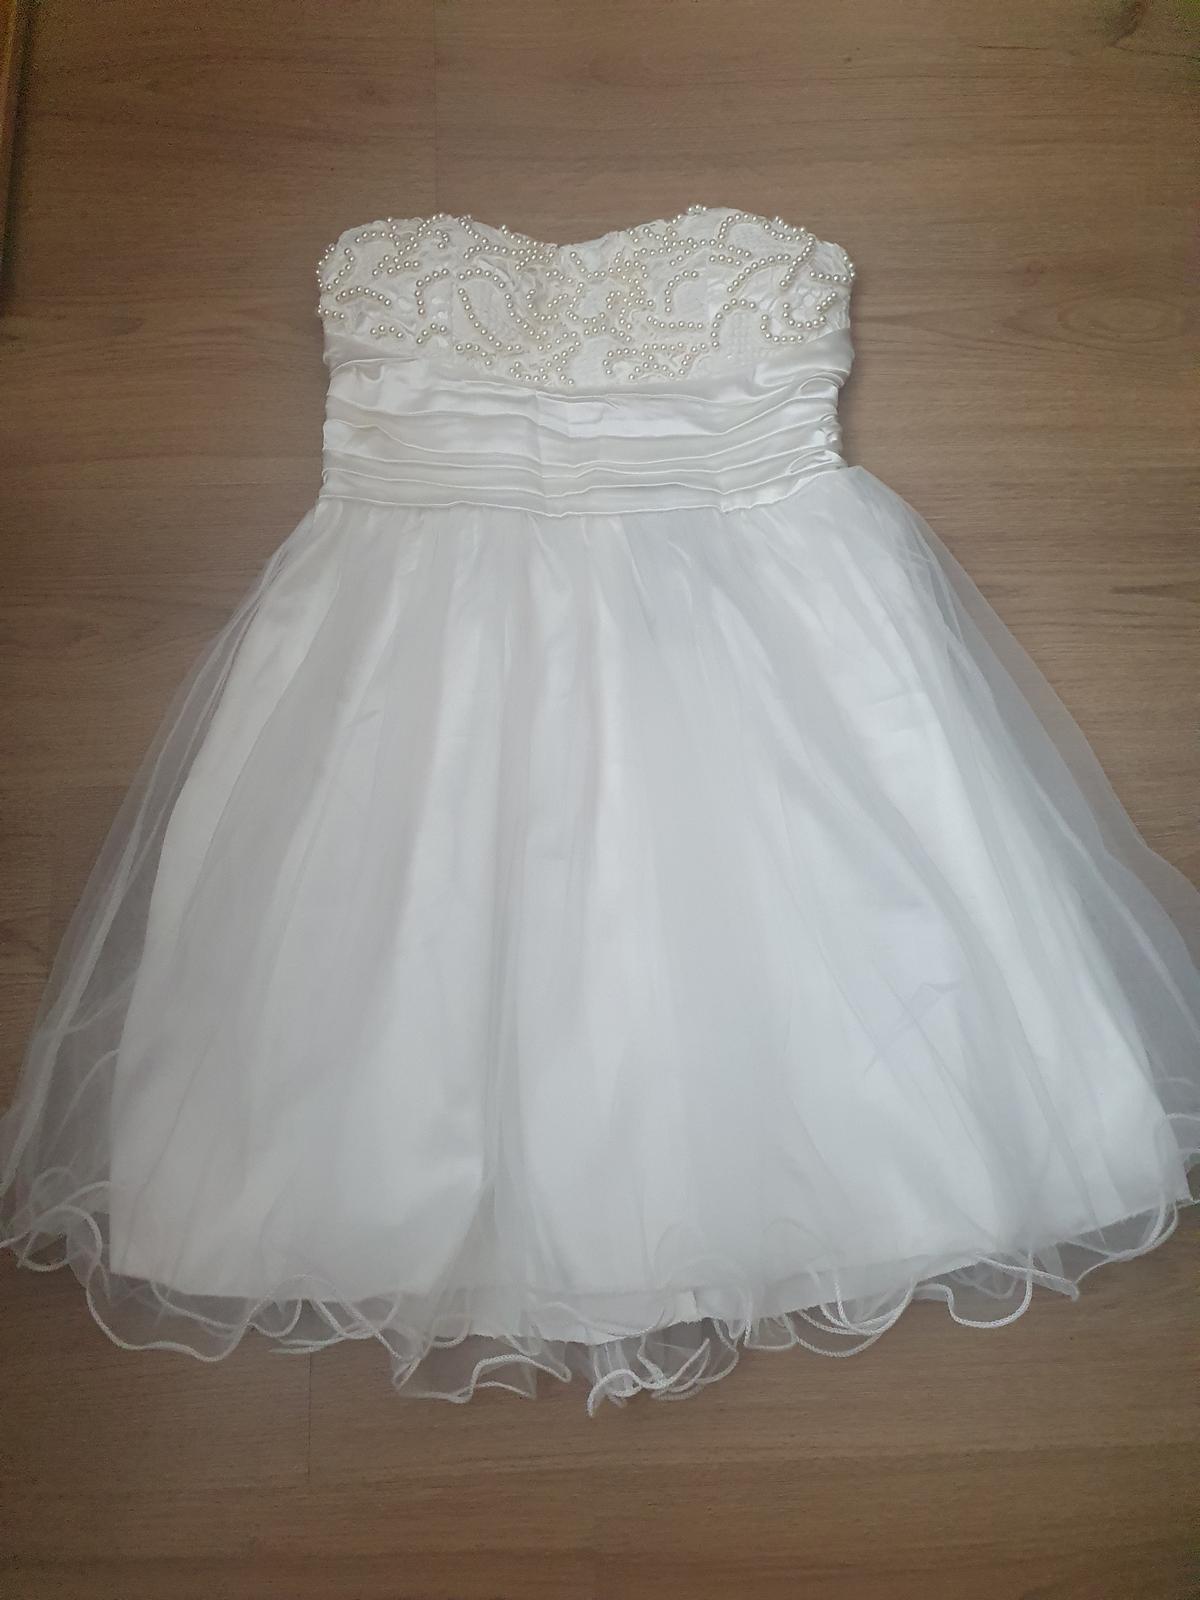 Nové krásné dámské šaty vel. 38 - Obrázek č. 1